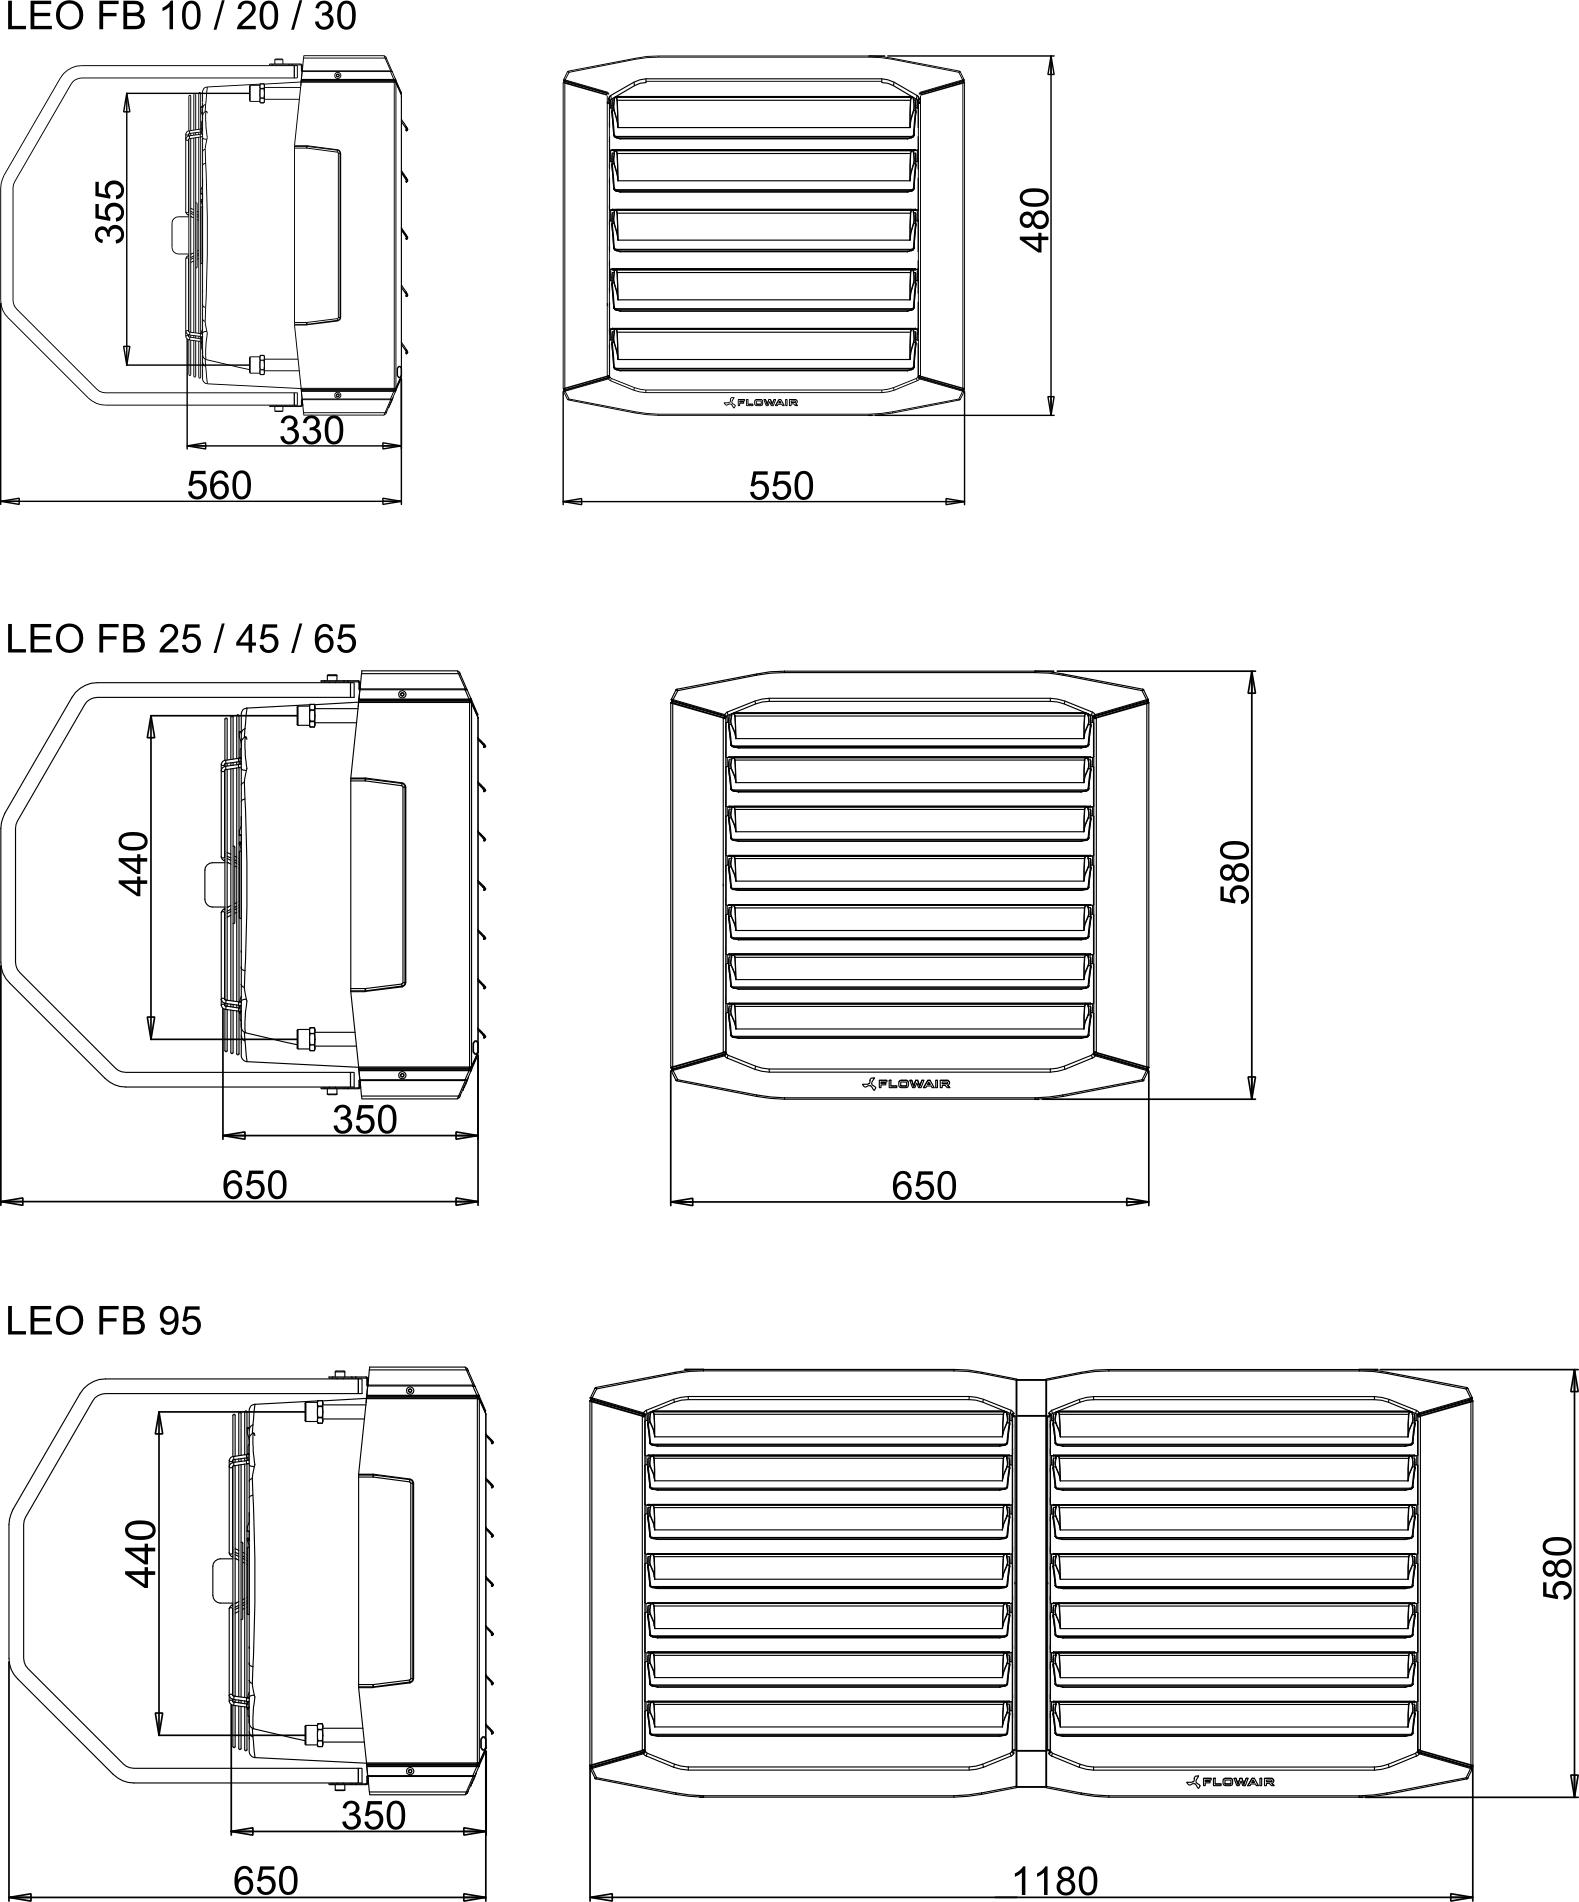 fb_flowair leo inex_flowair leo d_flowair leo km_flowair leo fb_flowair leo agro_flowair leo el_воздушное отопление склада_воздушное отопление цеха_воздушное отопление ангара_воздушное отопление бокса_воздушное отопление склада_воздушное отопление магазина_воздушное отопление теплицы_воздушное отопление мастерской_воздушное отопление автосалона_воздушное отопление мойки_воздушное отопление цеха_воздушное отопление спортзала_воздушное отопление церкви_воздушное отопление аудитории_энергосберегающие системы воздушного отопления